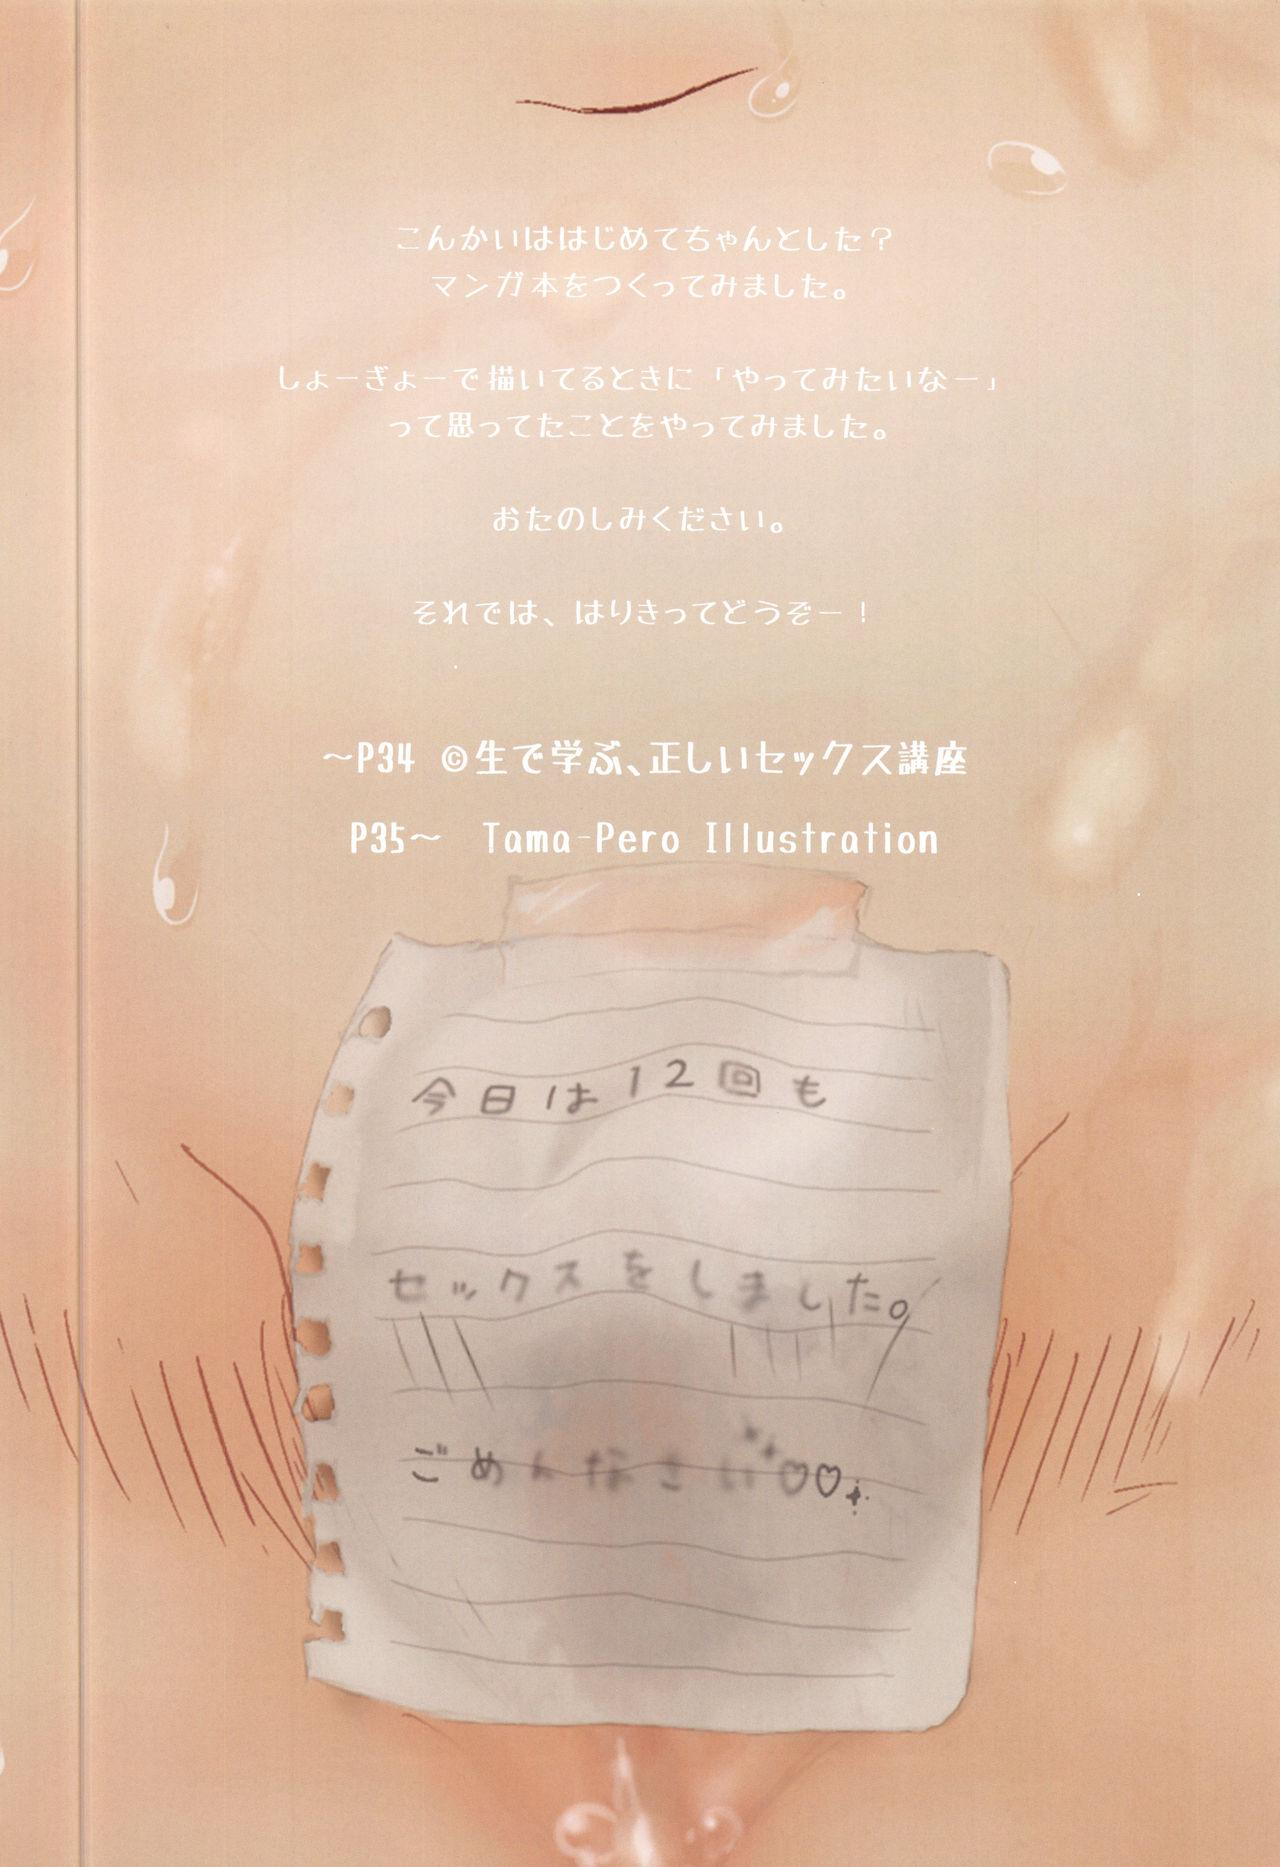 ©-sei de Manabu, Tadashii Sex Kouza 3